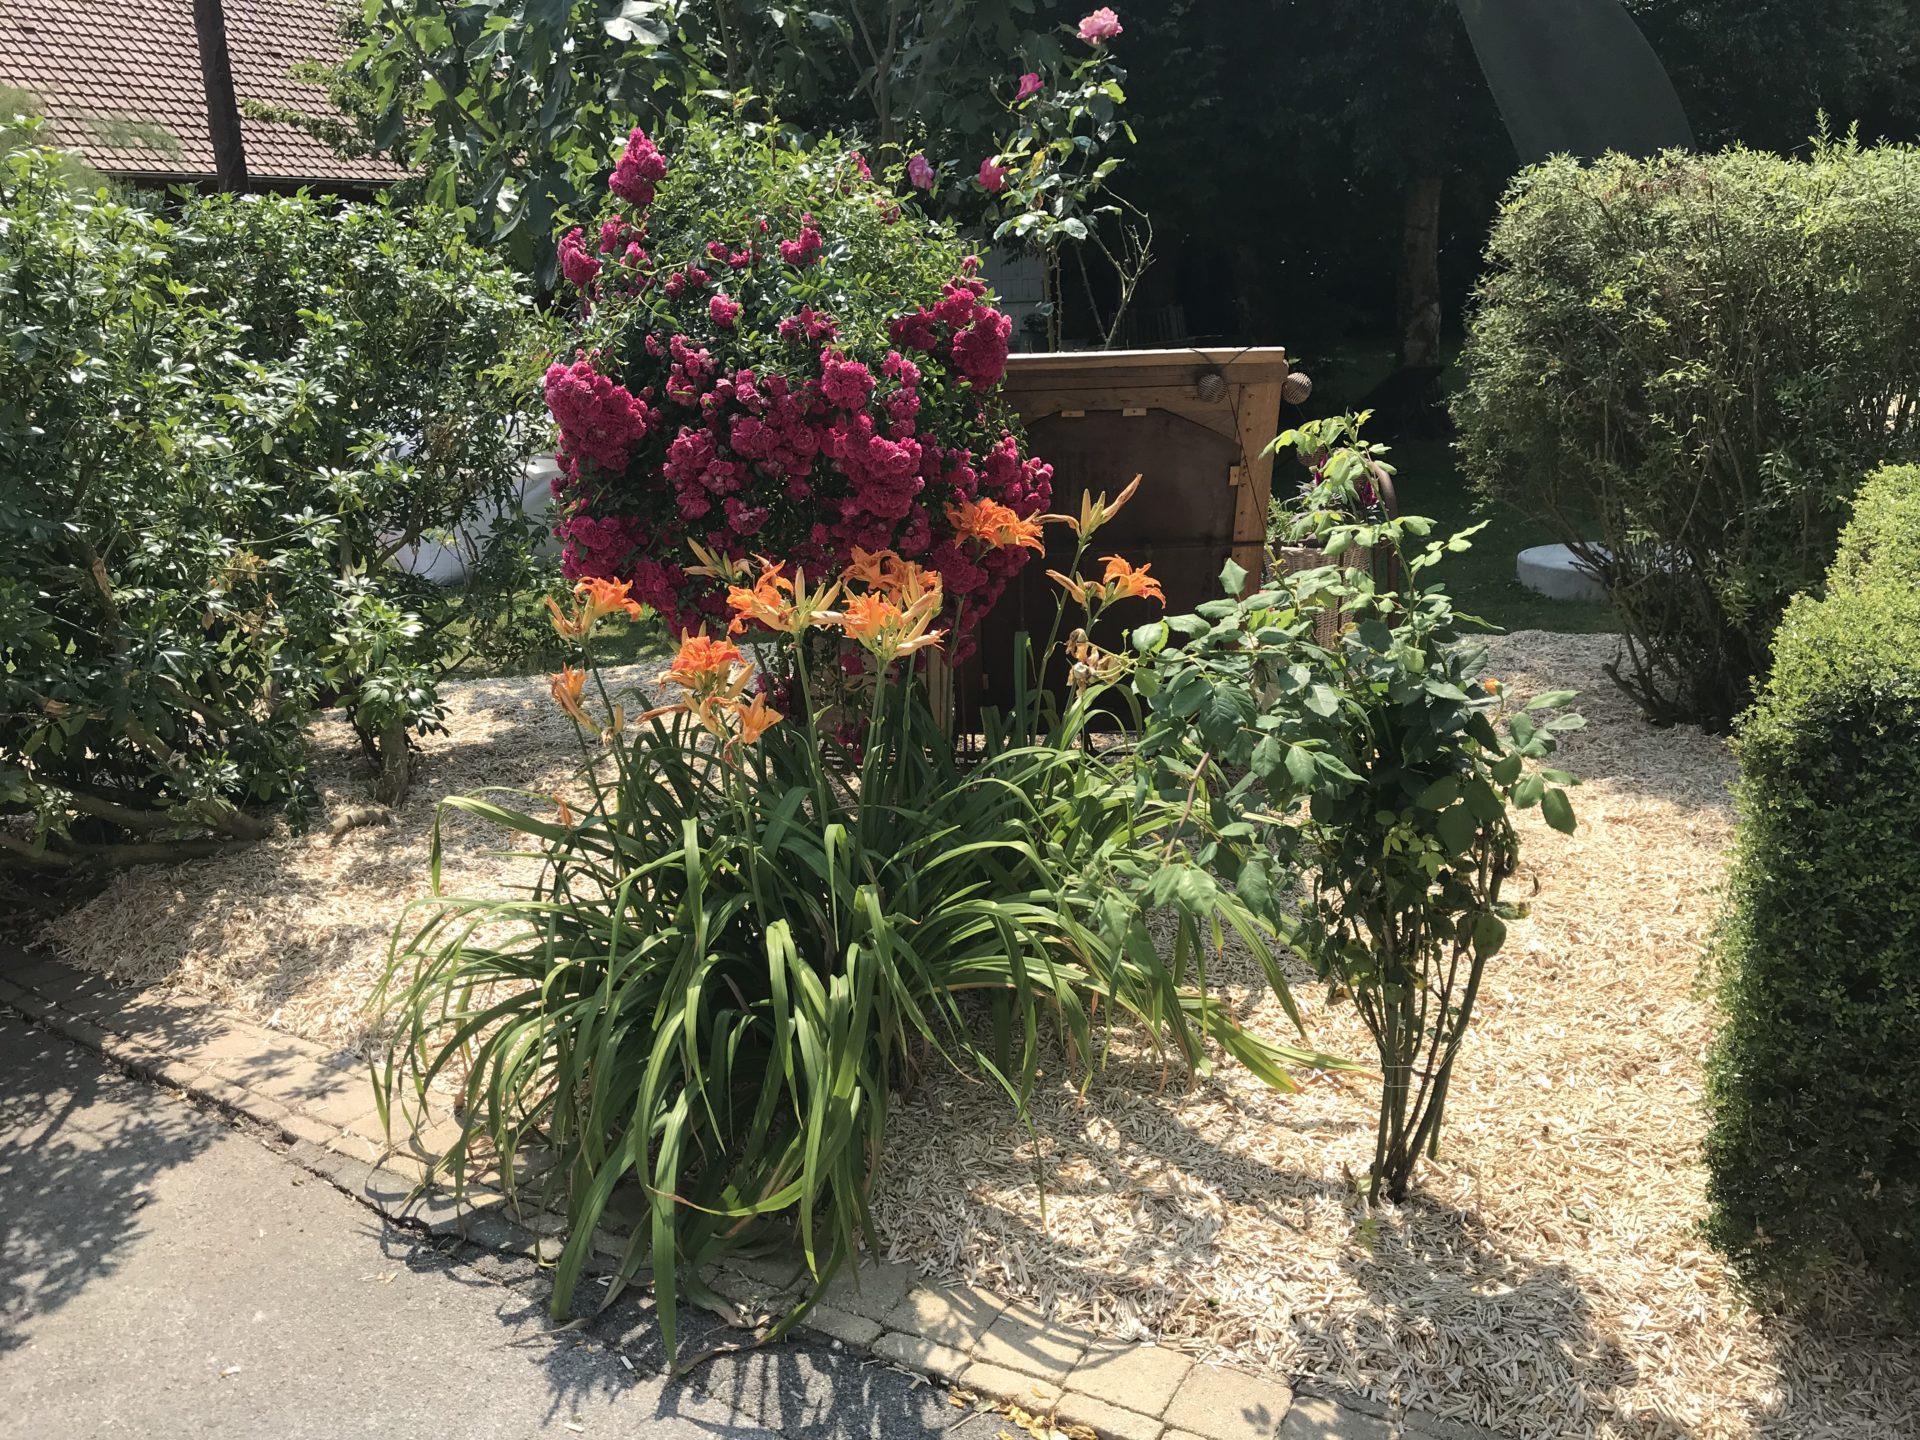 Jardin chambre d'hôte baie de somme